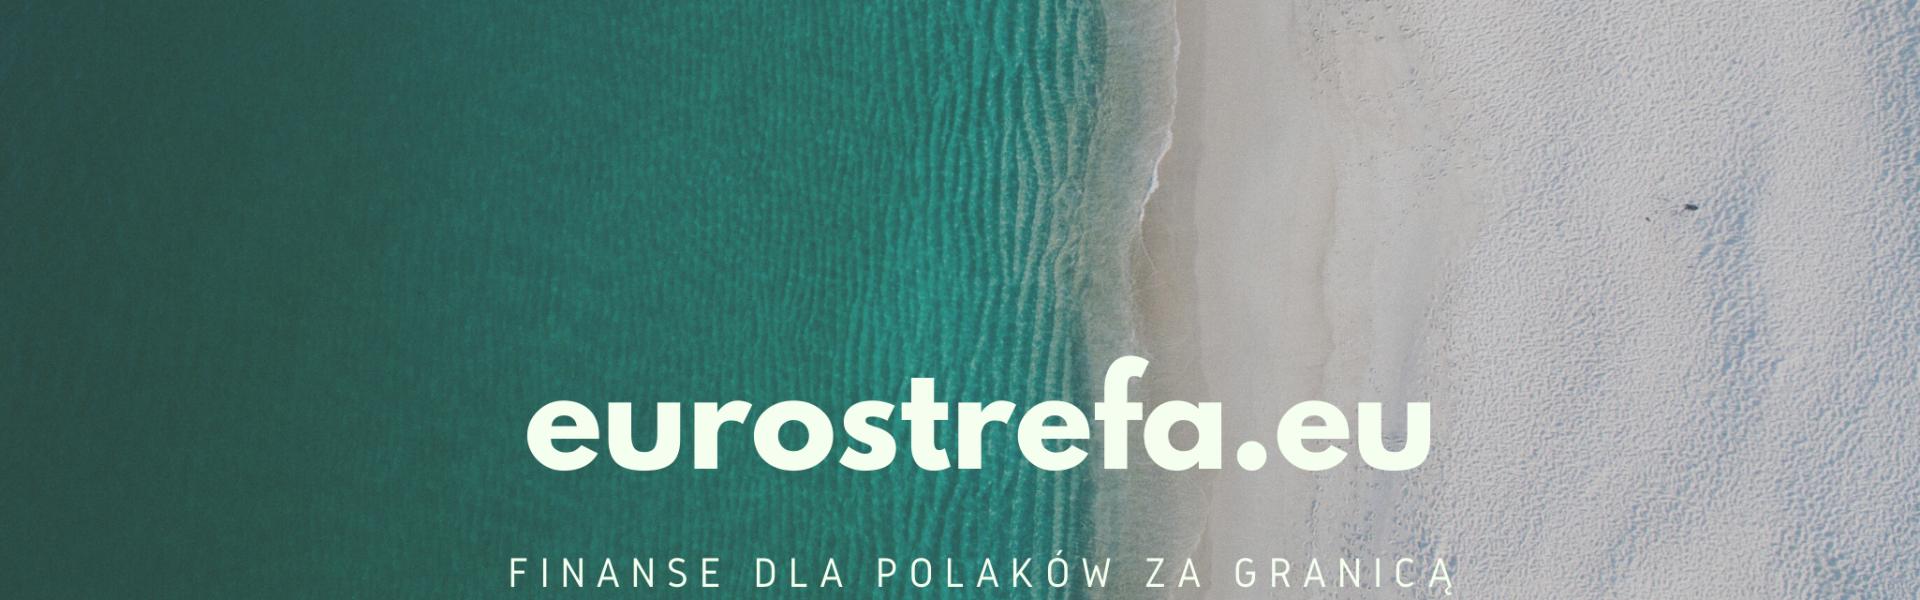 eurostrefa.eu